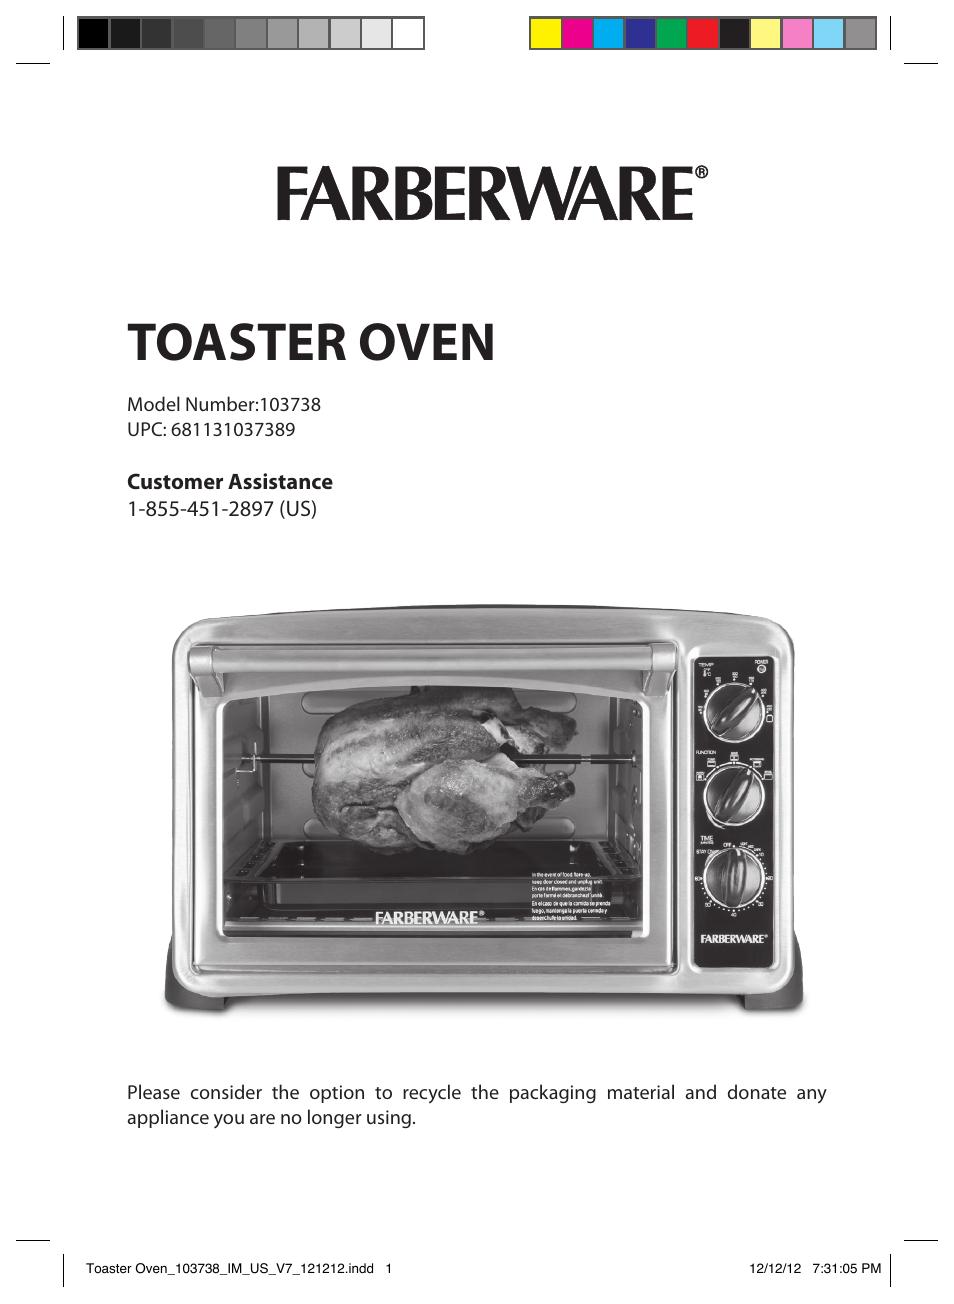 Farberware 25l Digital Toaster Oven Manual Digital